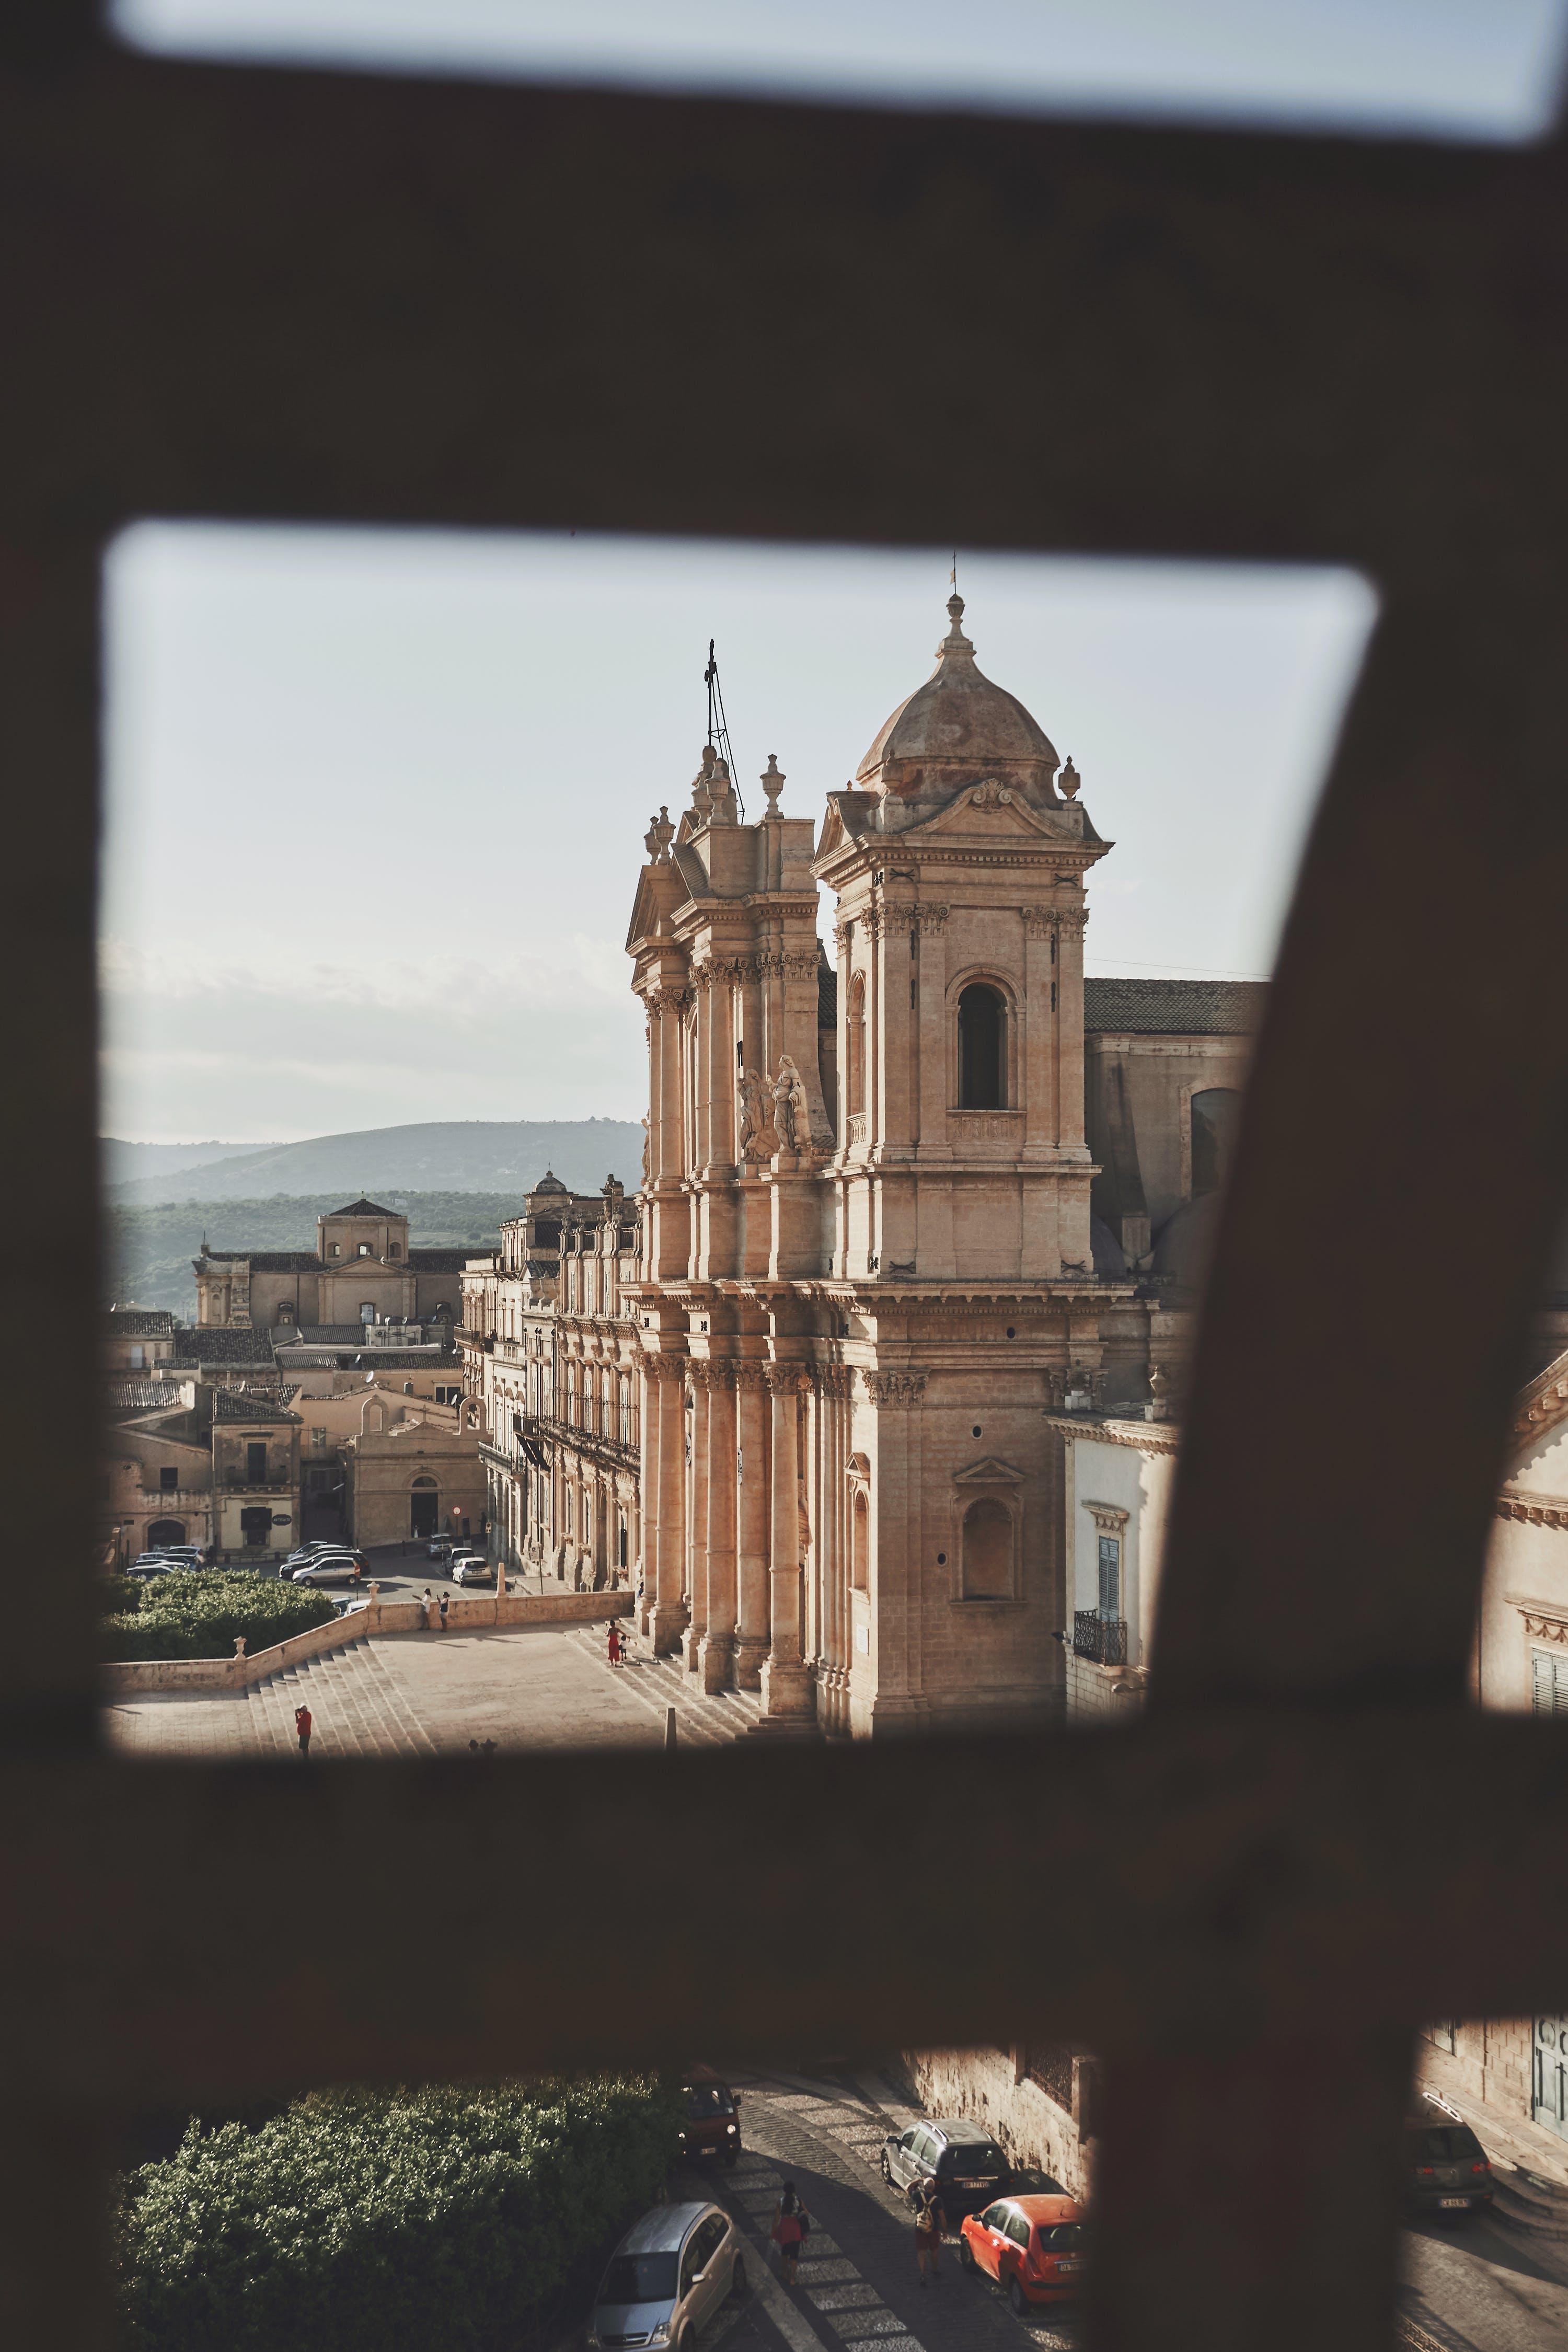 古老的, 大教堂, 巴洛克, 建造 的 免费素材照片